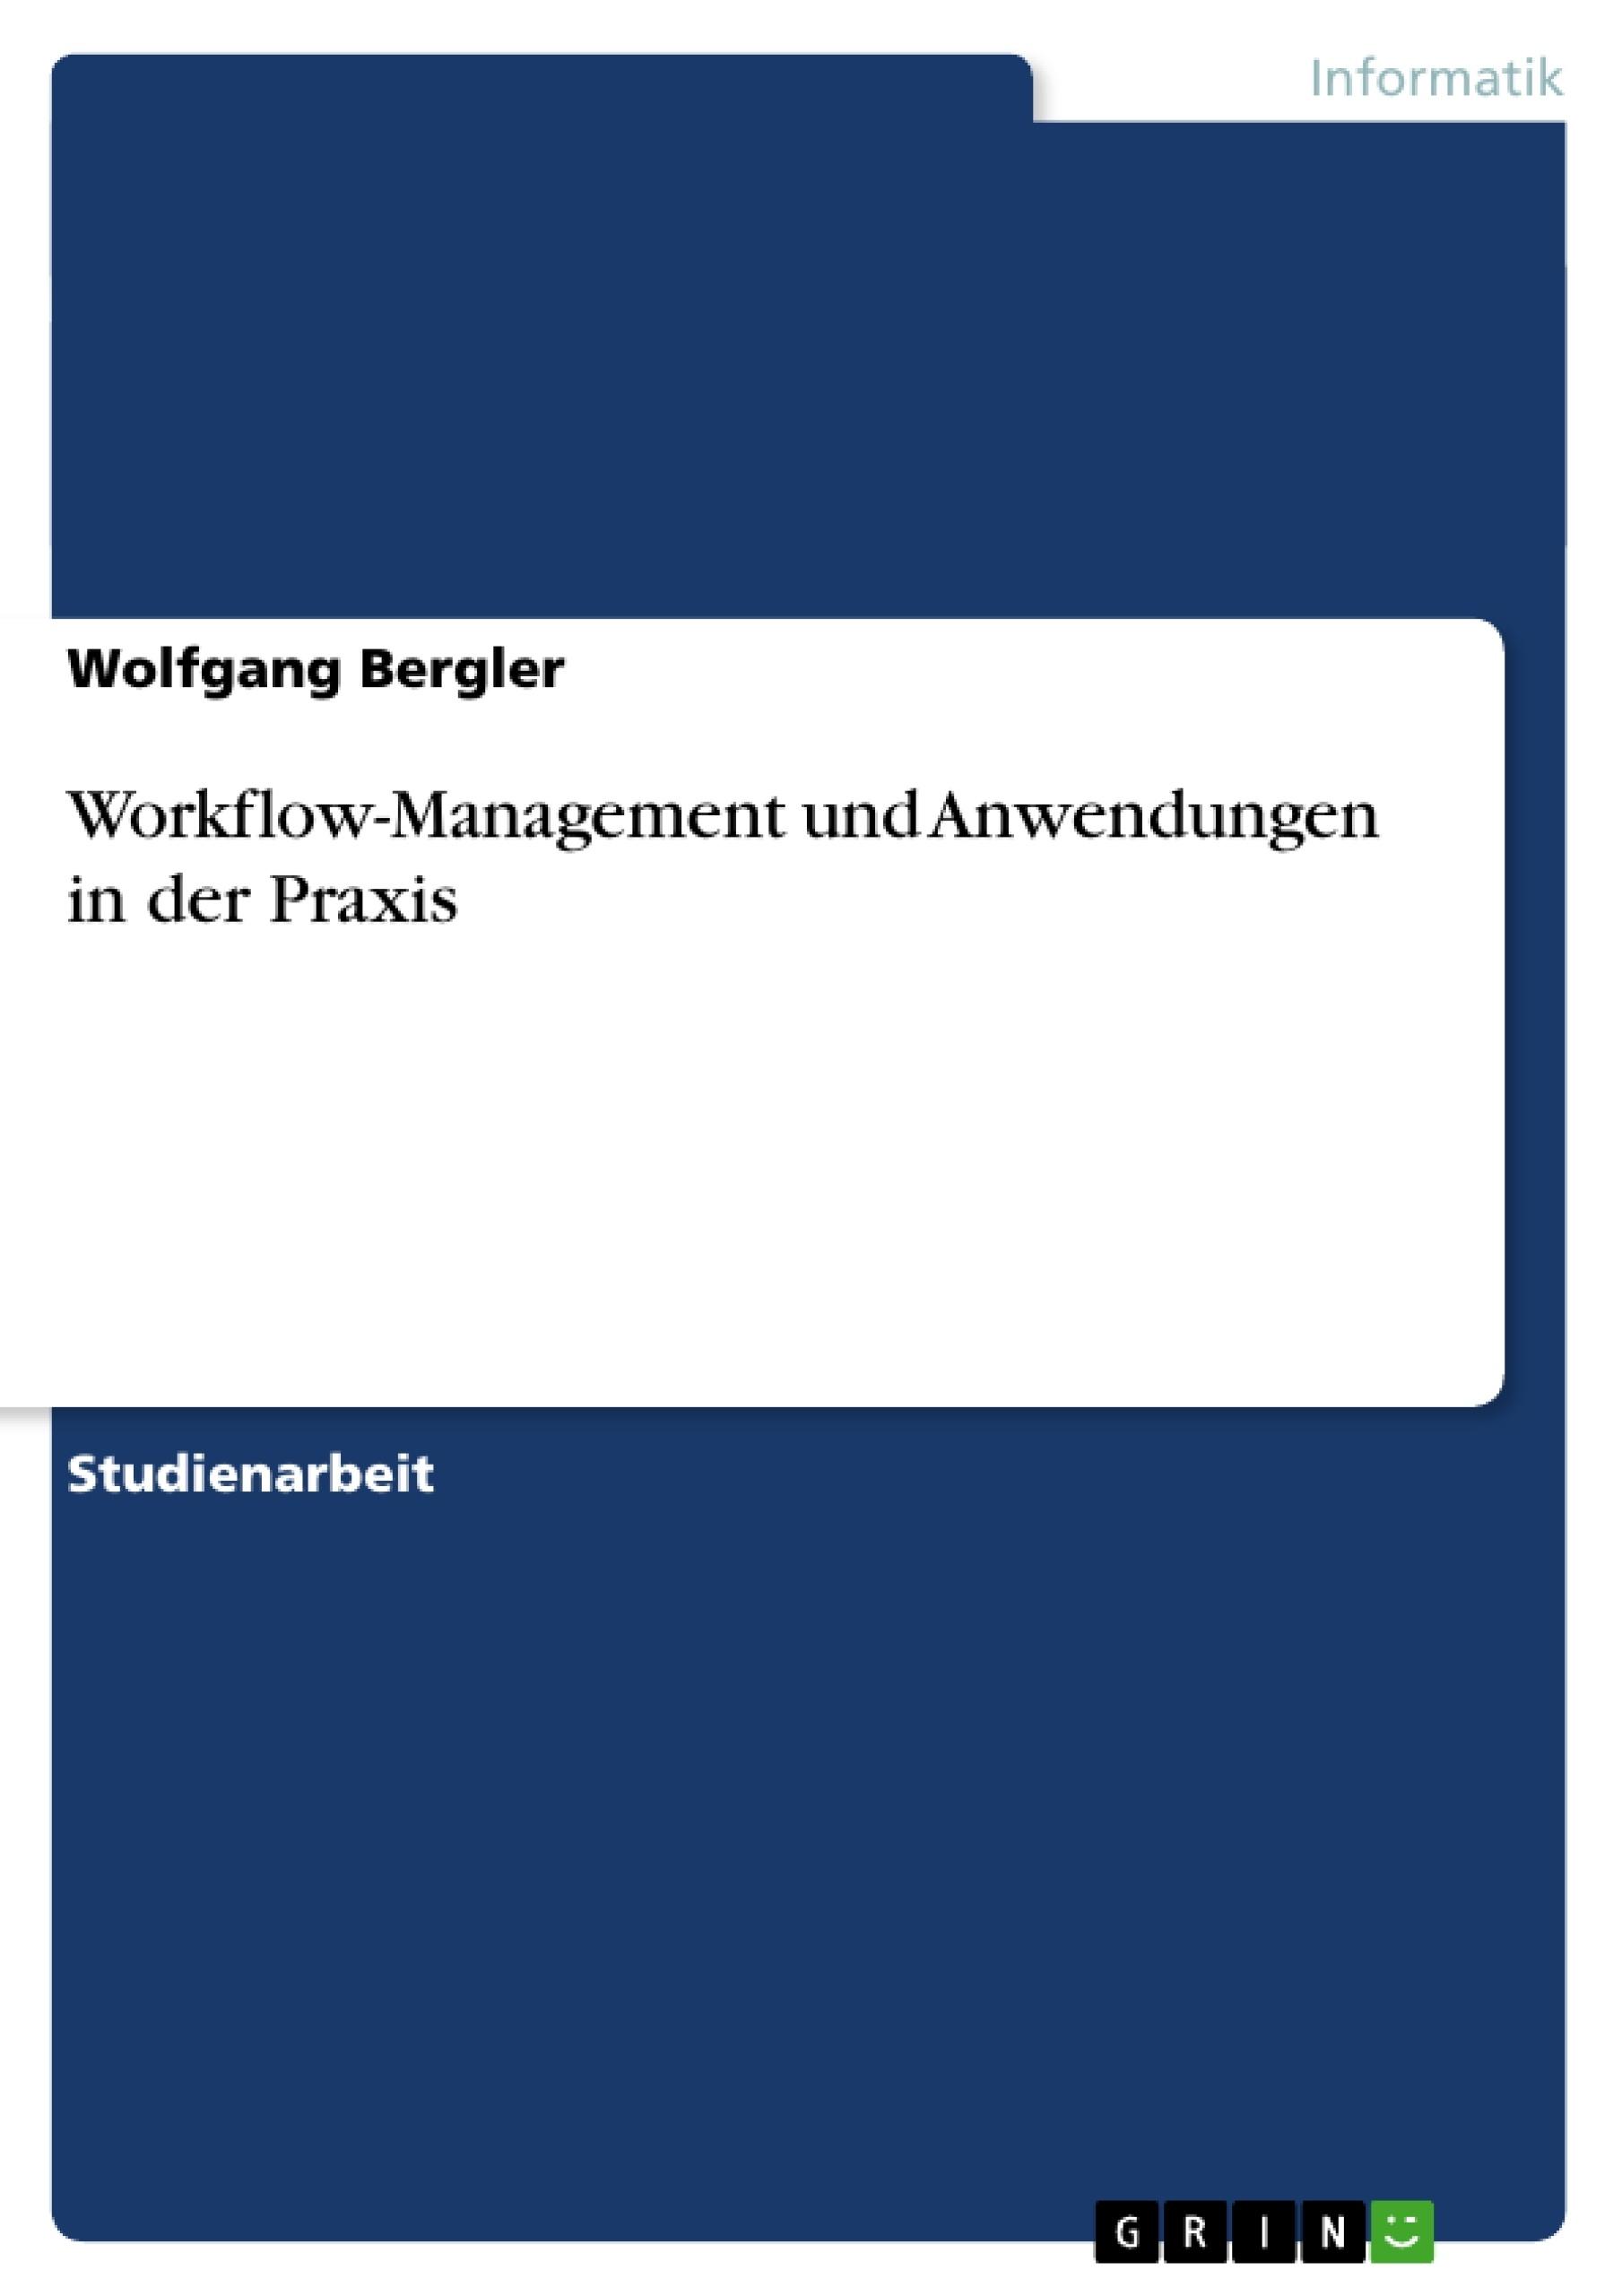 Titel: Workflow-Management und Anwendungen in der Praxis